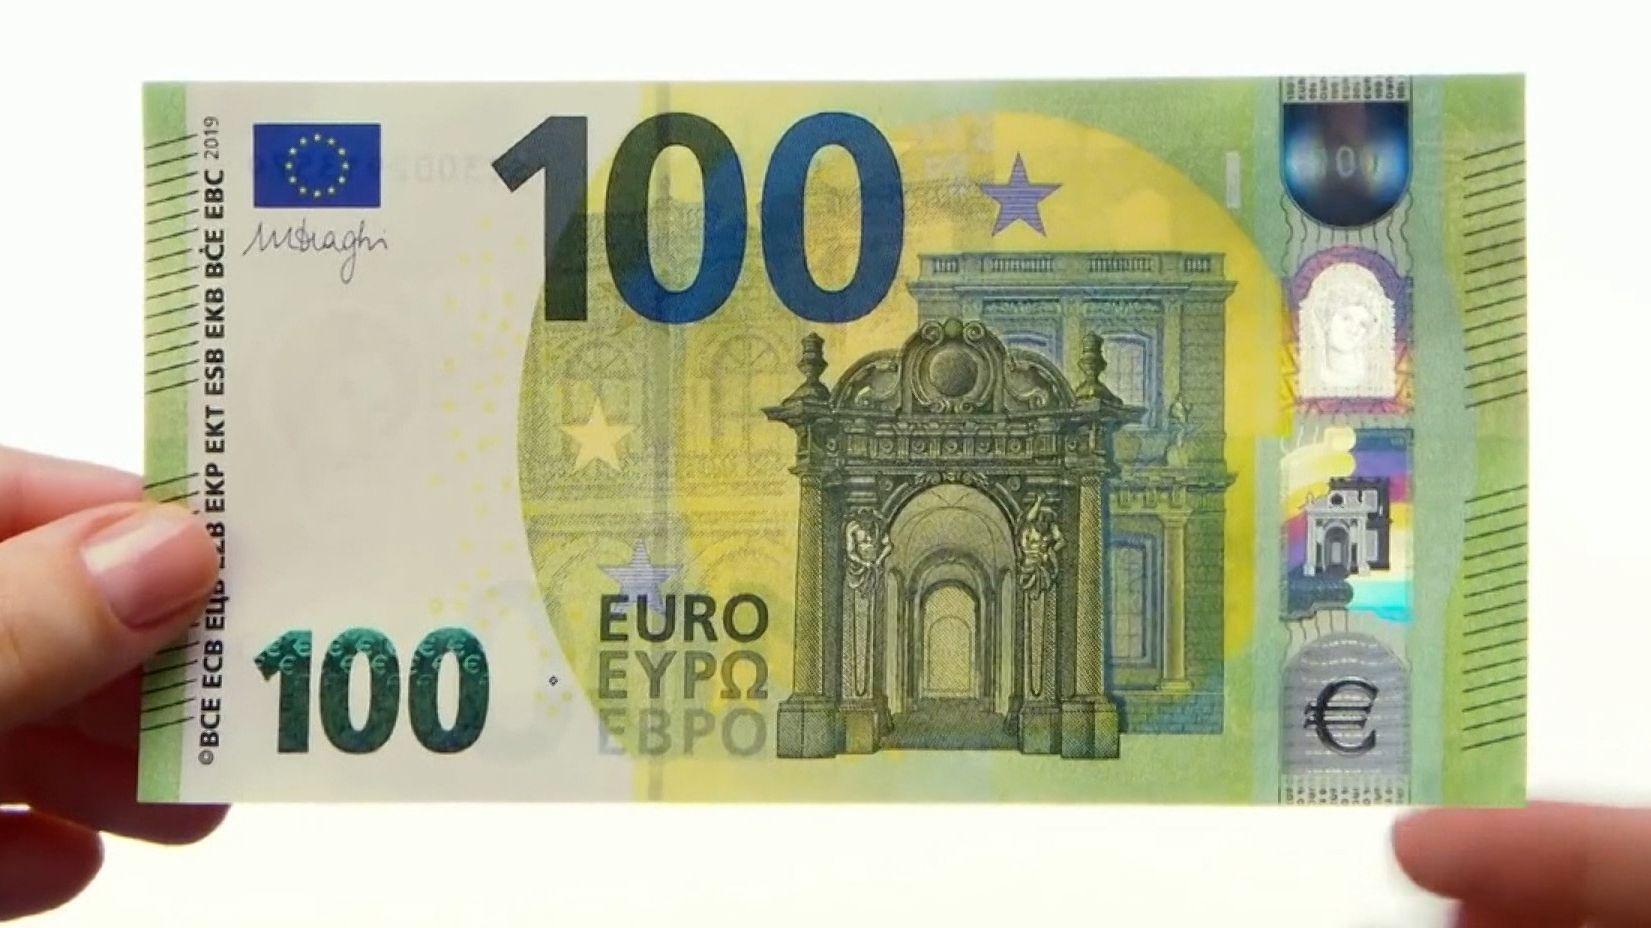 Ab dem 28. Mai bringt die EZB die neuen 100- und 200-Euro-Banknoten in Umlauf. Sie sollen vor Fälschungen schützen und haben einige Verbesserungen gegenüber den alten Scheinen.